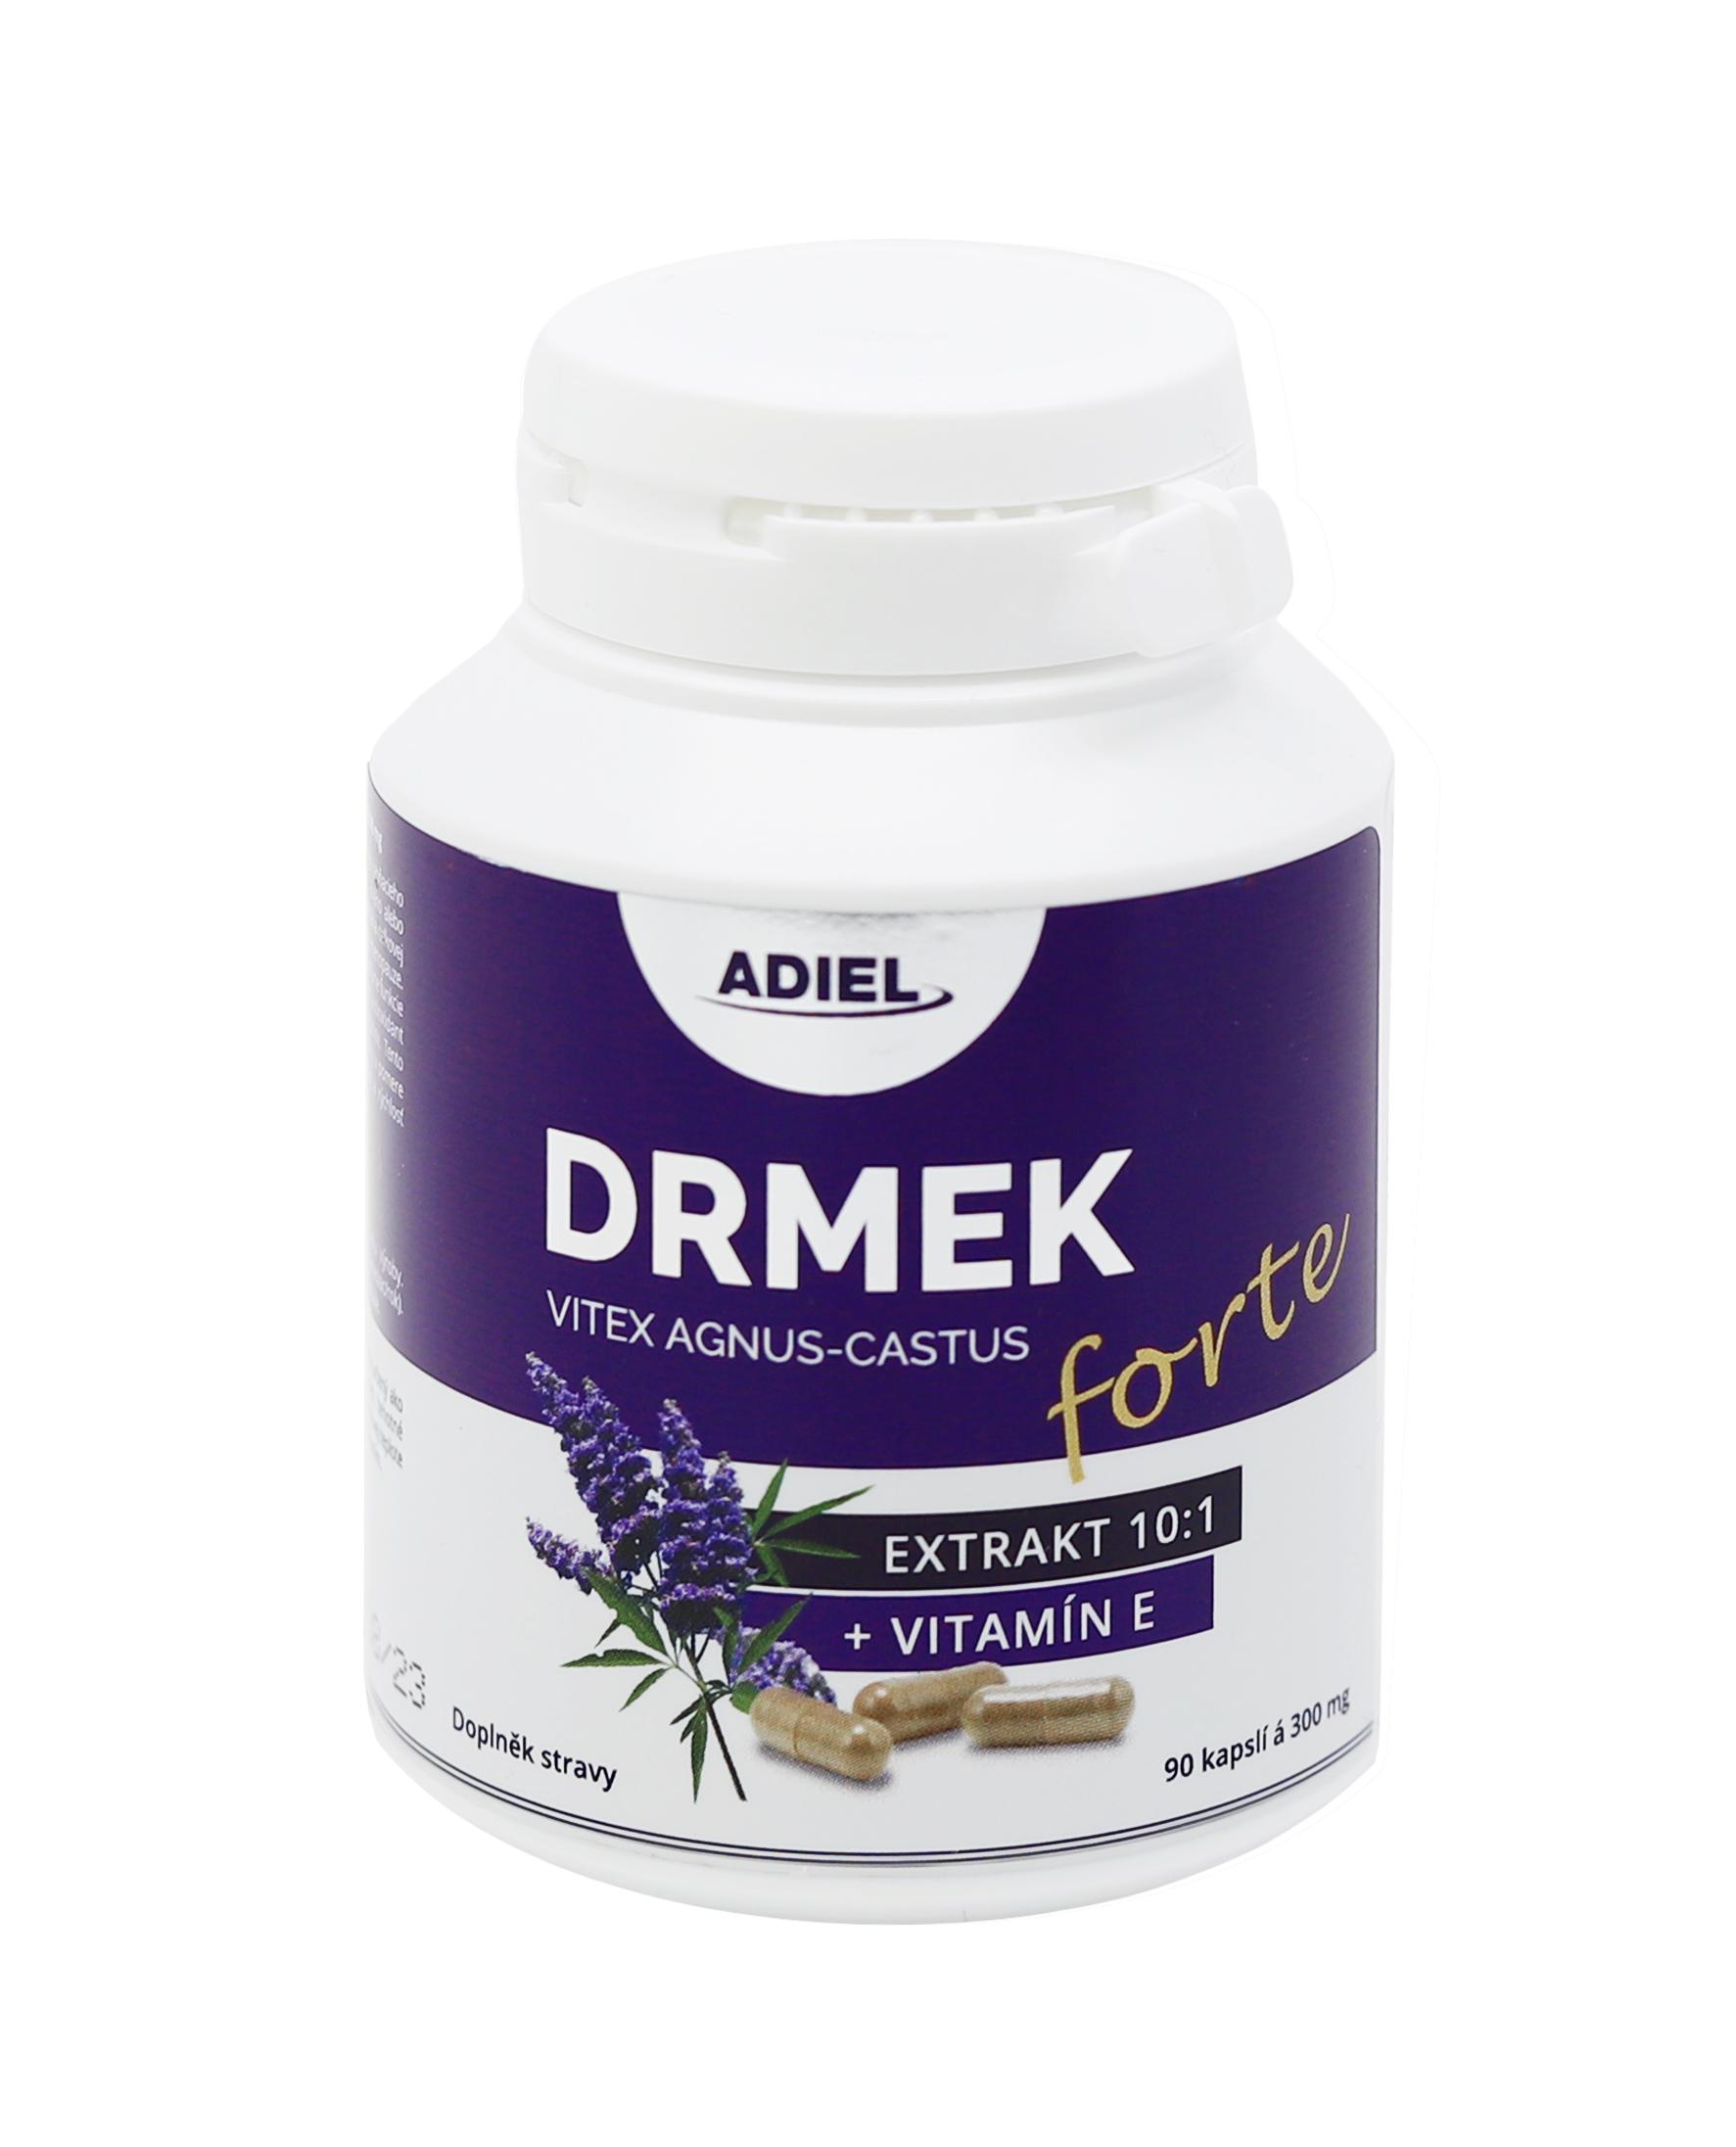 Levně ADIEL Drmek FORTE s vitamínem E 90 kapslí 1 balení: 1x90 kapslí